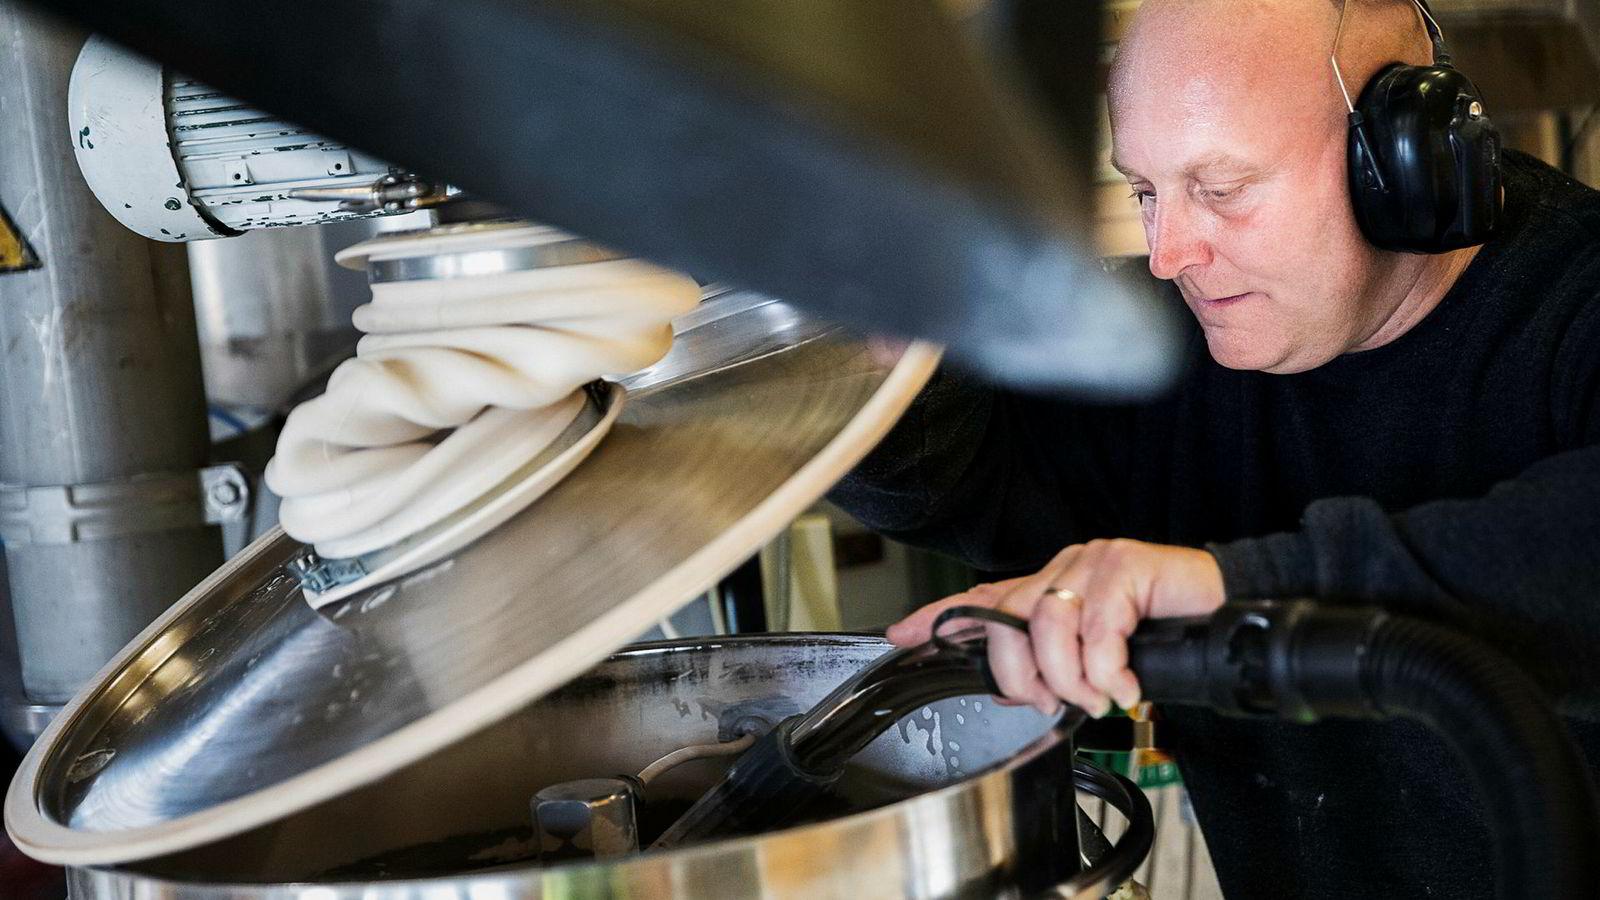 Prosessoperatør Jan Ove Valrygg i Microbeads er i ferd med å fylle en ny eske med mikrokuler i plast med forskjellige egenskaper som brukes i alt fra maling til rensing av atomavfall.